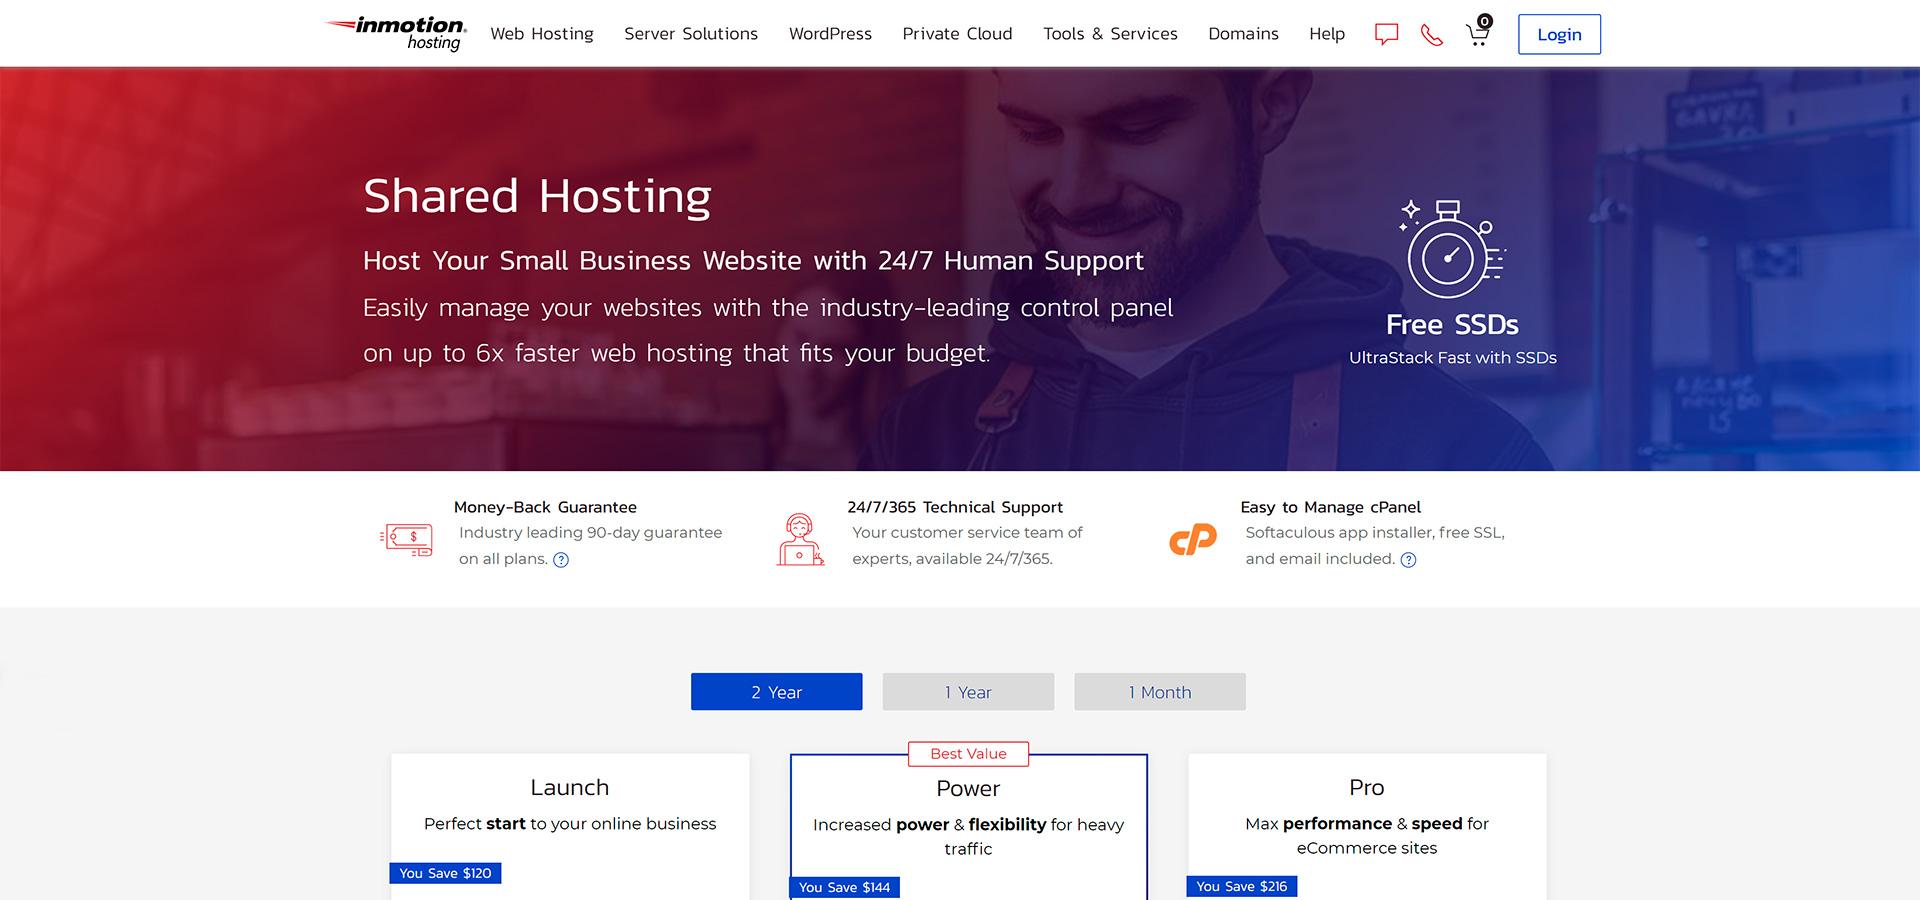 melhor hospedagem de site internacional inmotionhosting